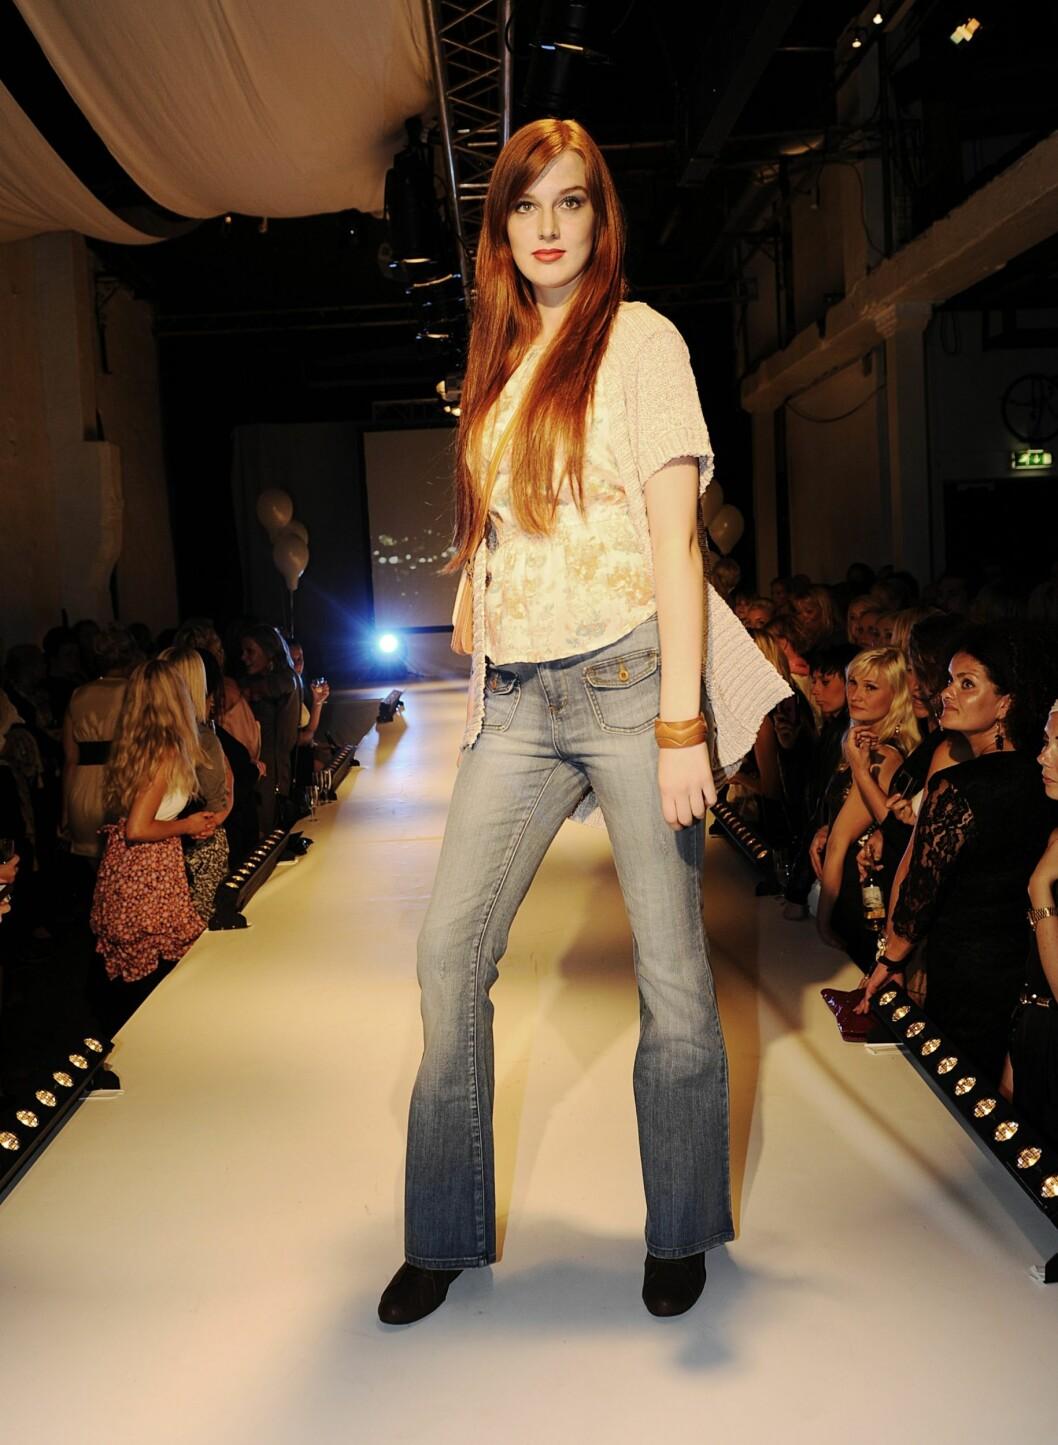 Antrekk fra Vero Moda: Topp, kr 199; kardigan, kr 399 og jeans, kr 399. Foto: Produsenten